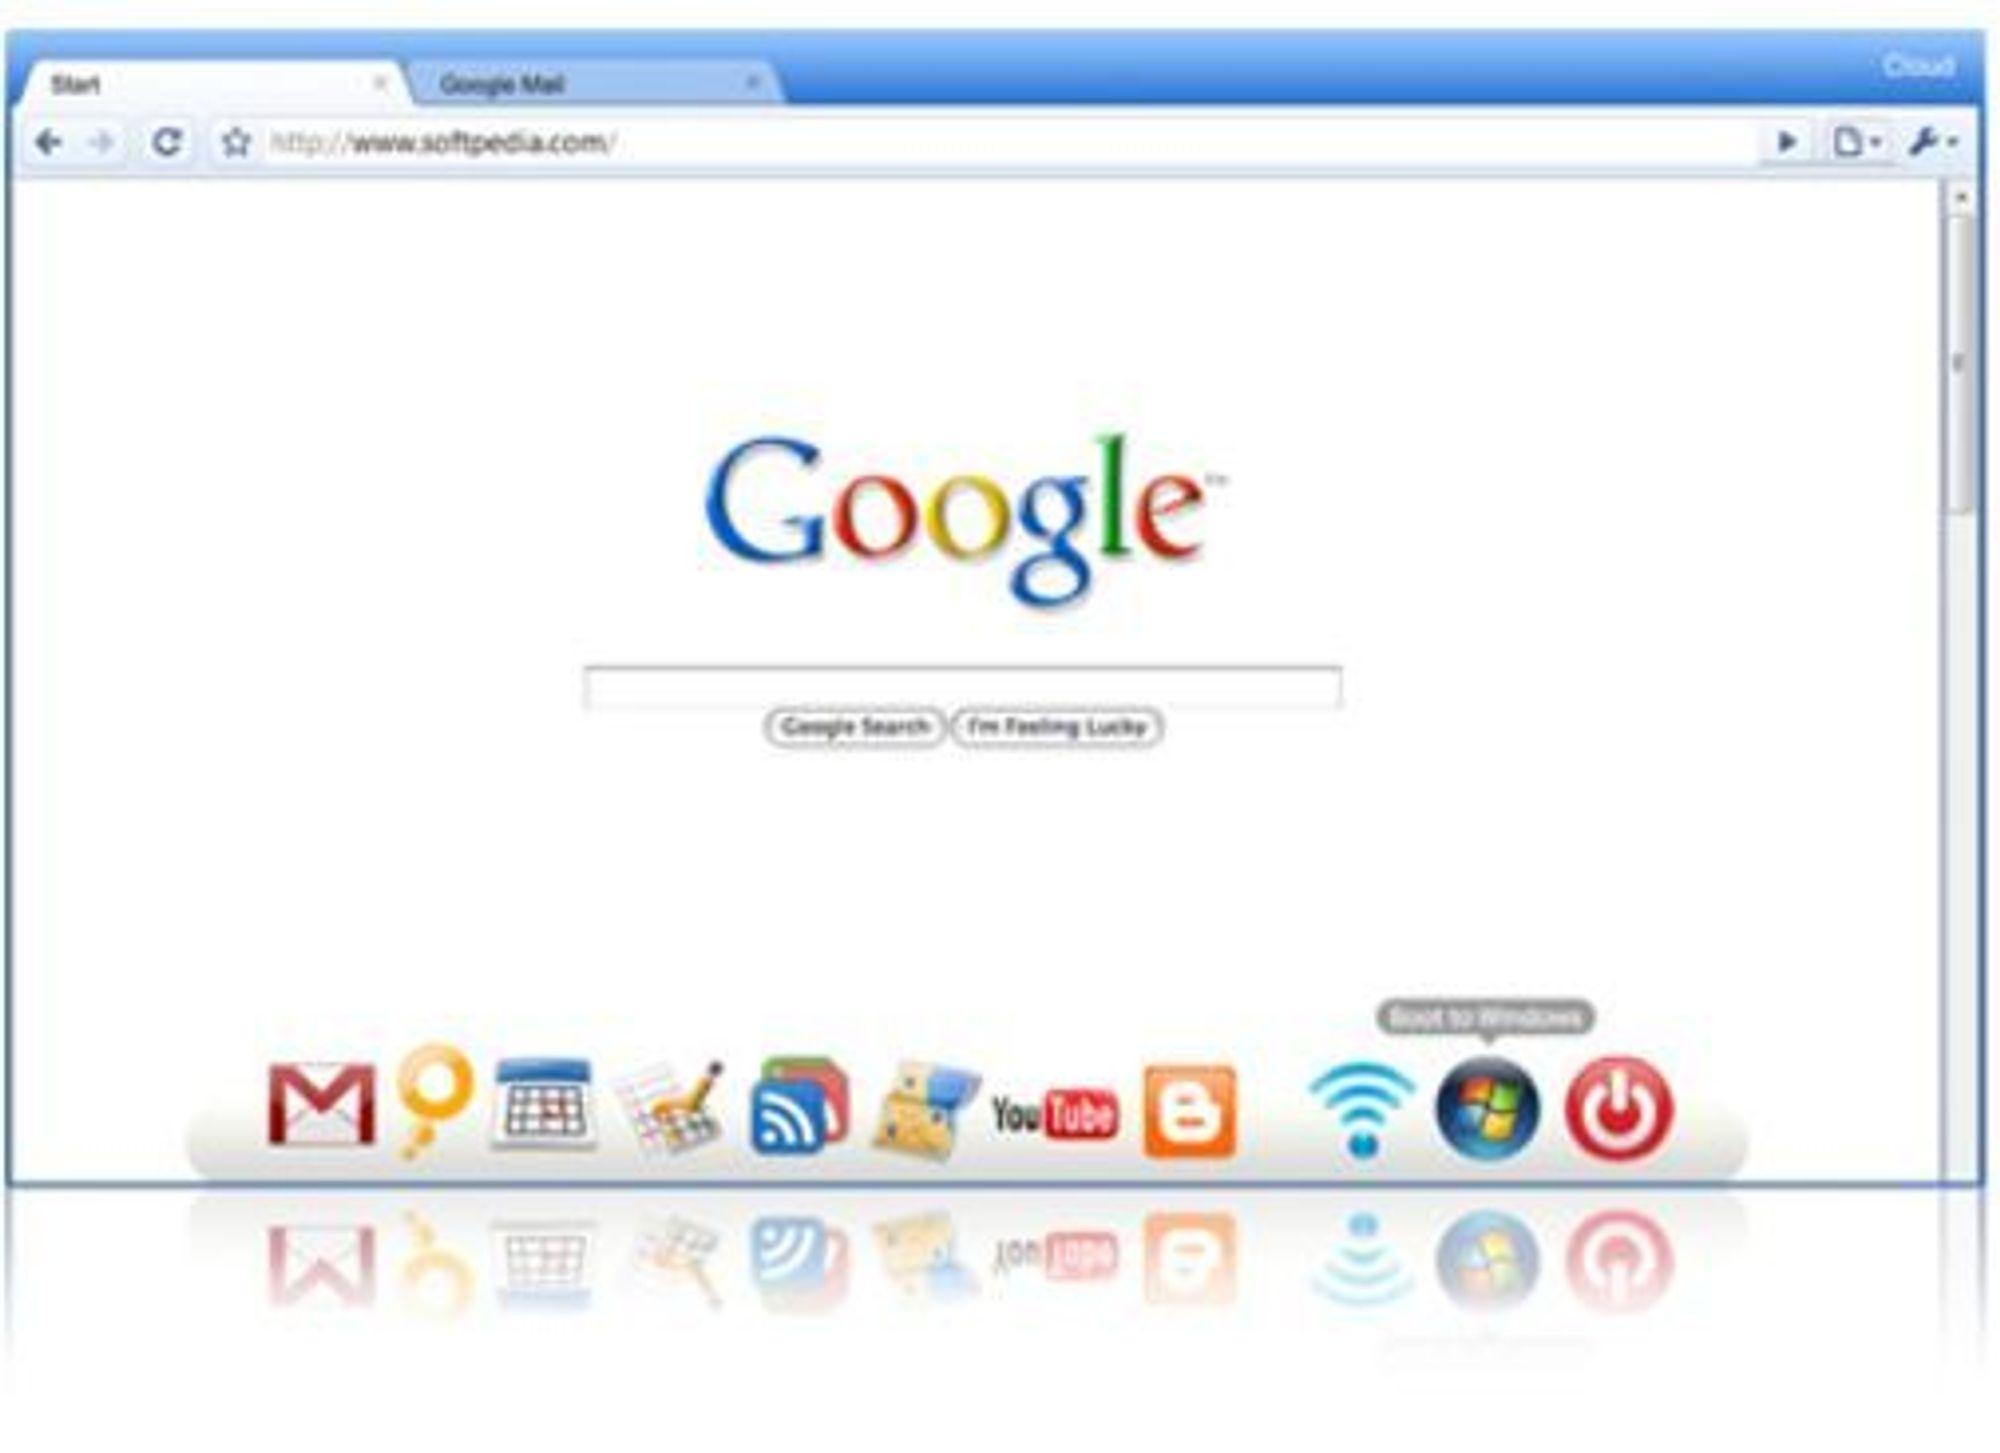 Likheten mellom operativsystemet «Cloud» og nettleseren Google Chrome er slående. (Kilde: Good OS)